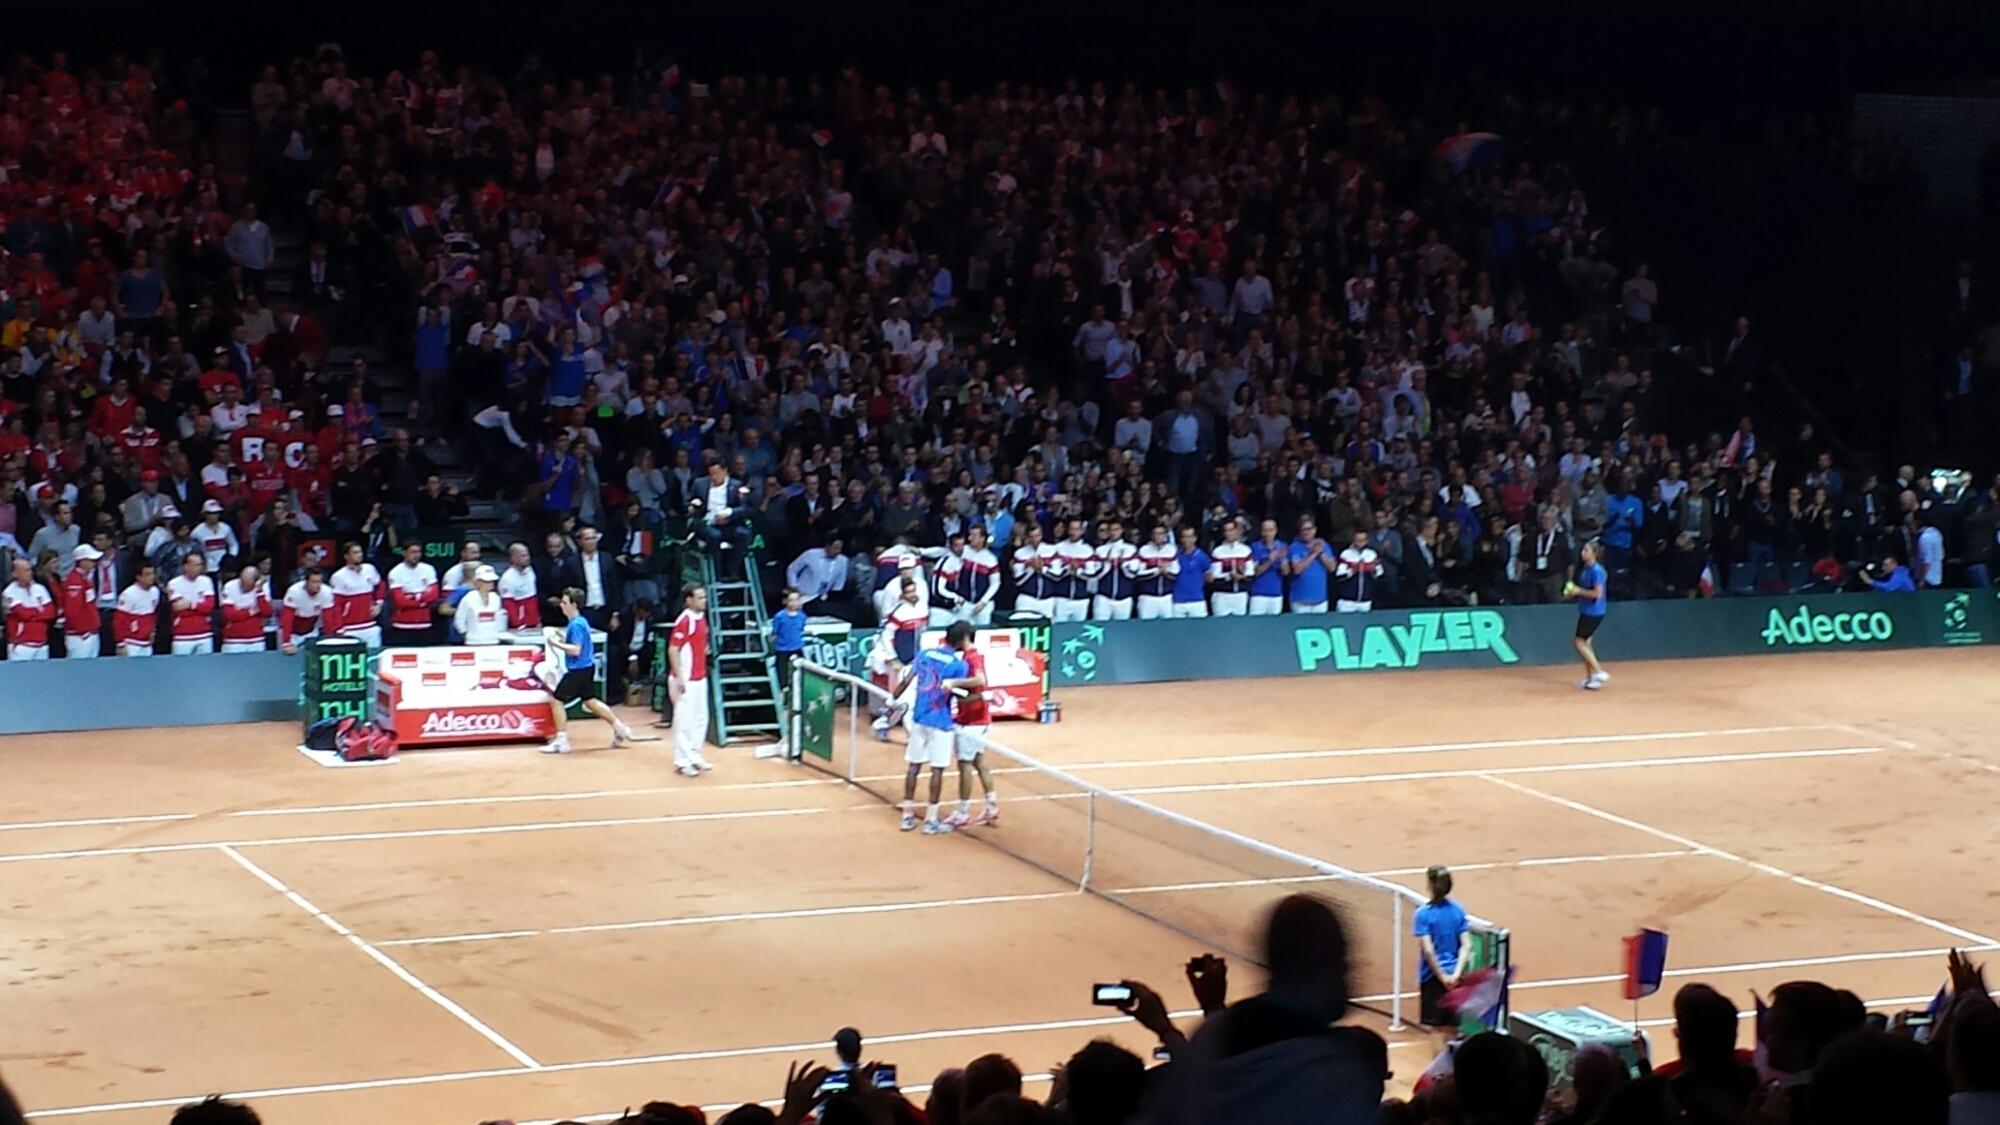 Federer Monfils Embrace